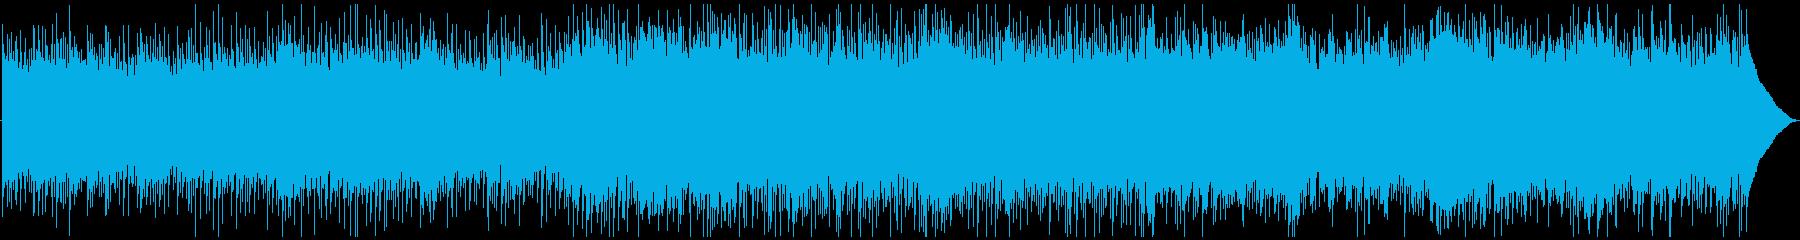 軽快なカントリーPOPサウンドの再生済みの波形